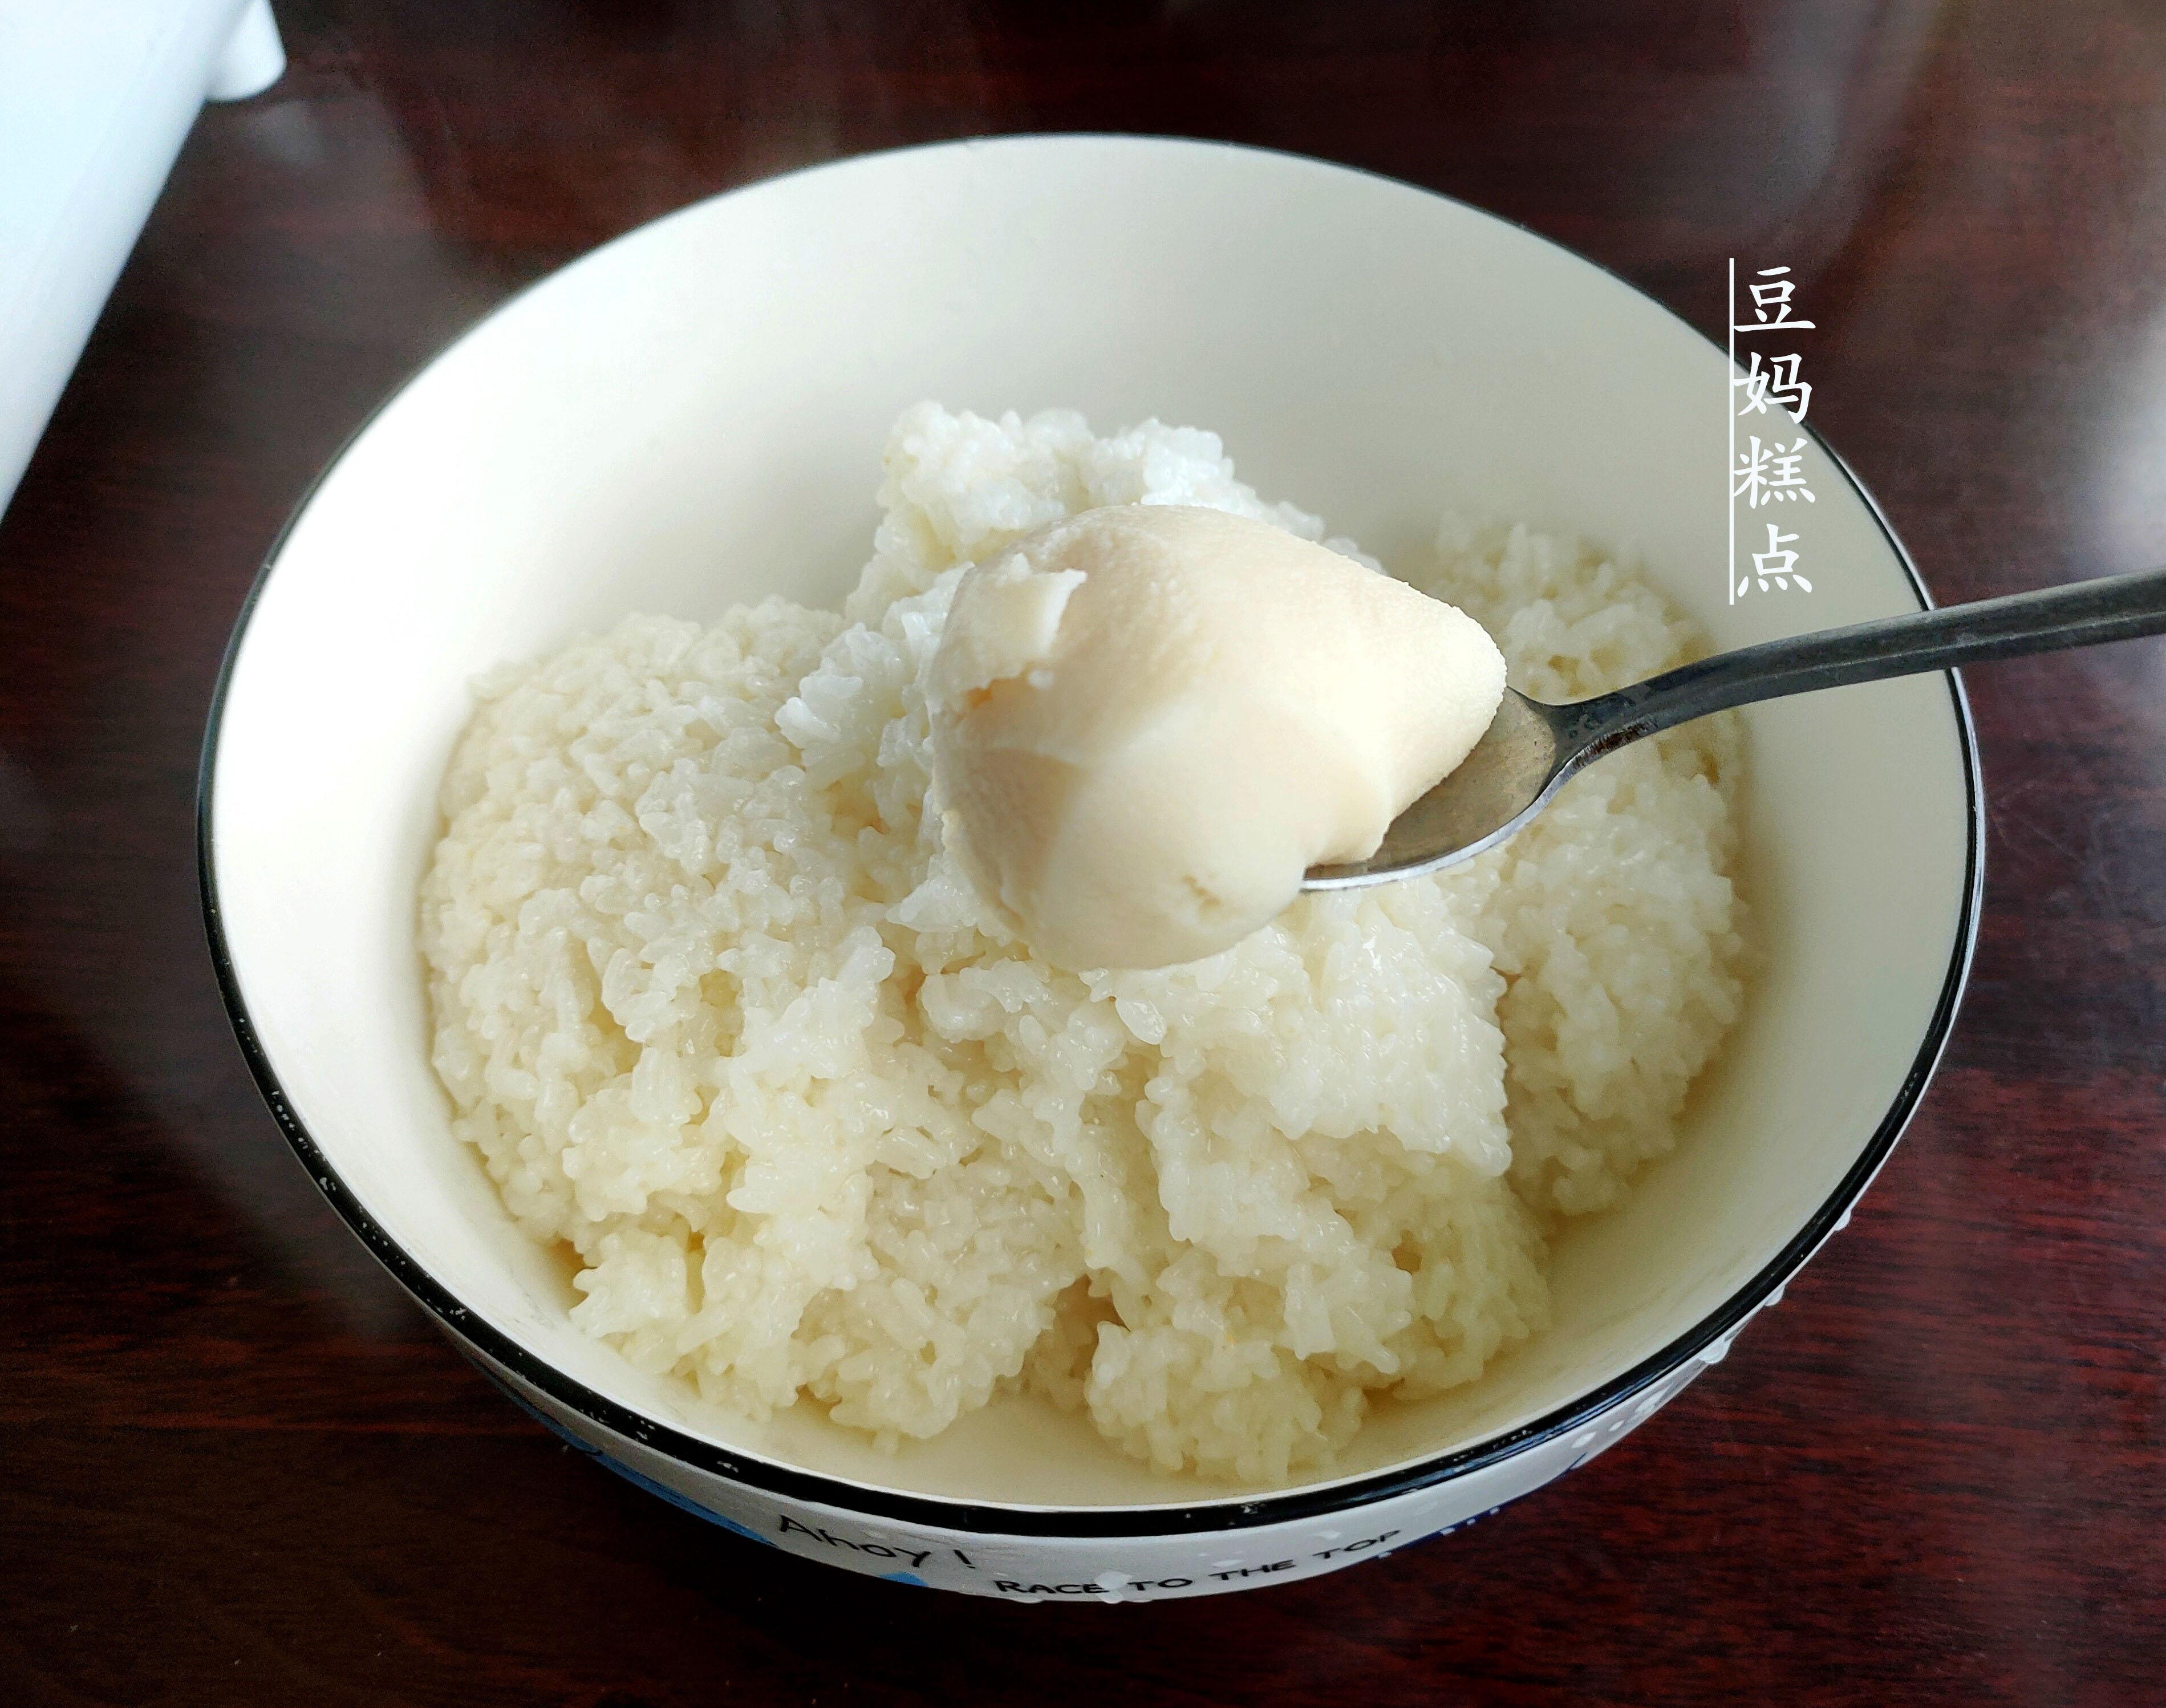 """年夜飯,我家必備的""""八寶糯米飯"""",軟糯香甜,越蒸越好吃"""